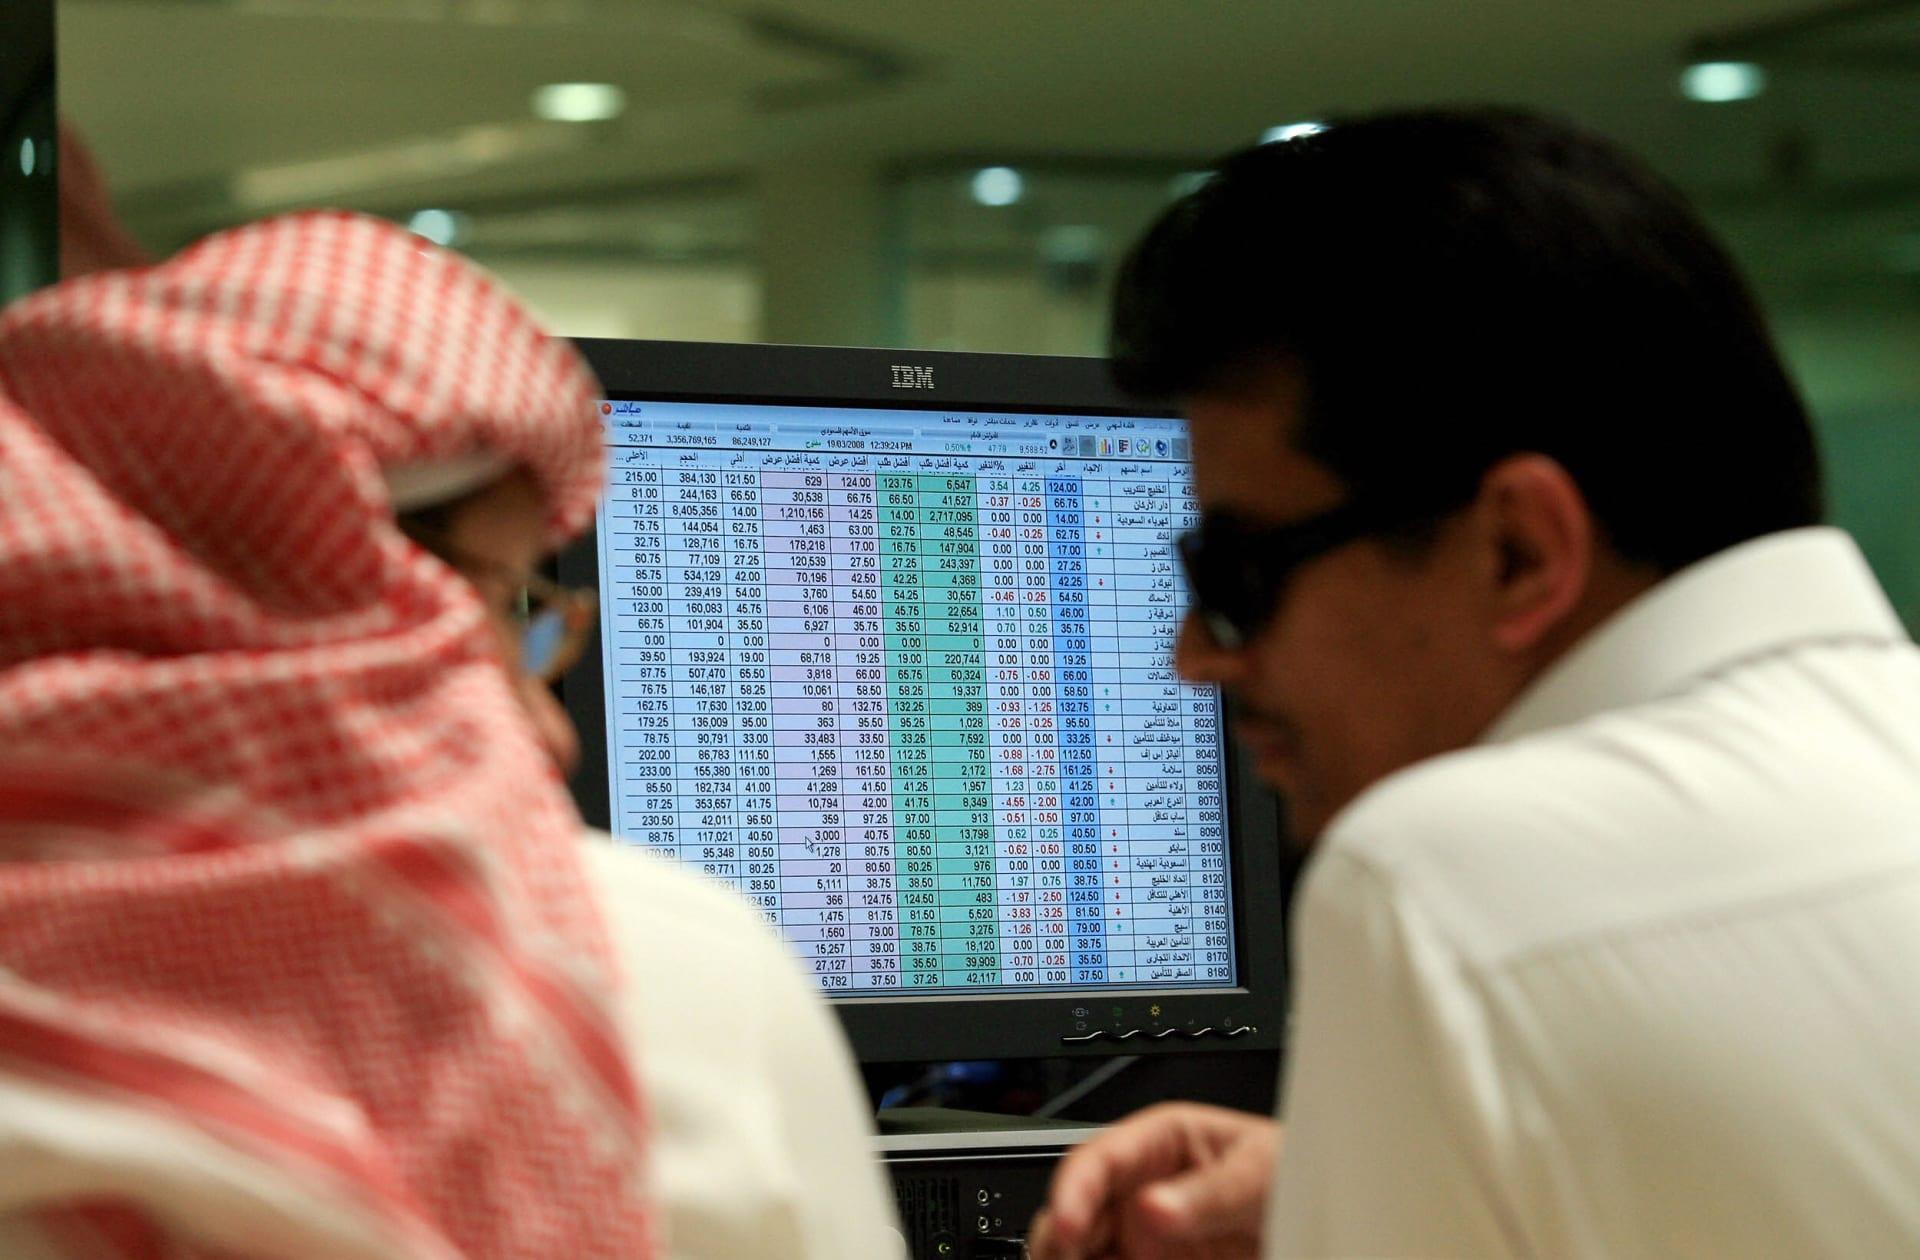 السعودية: ربط ملف العمل بالزكاة إلكترونياً.. وقرار لتعزيز دور صغار المساهمين في الشركات